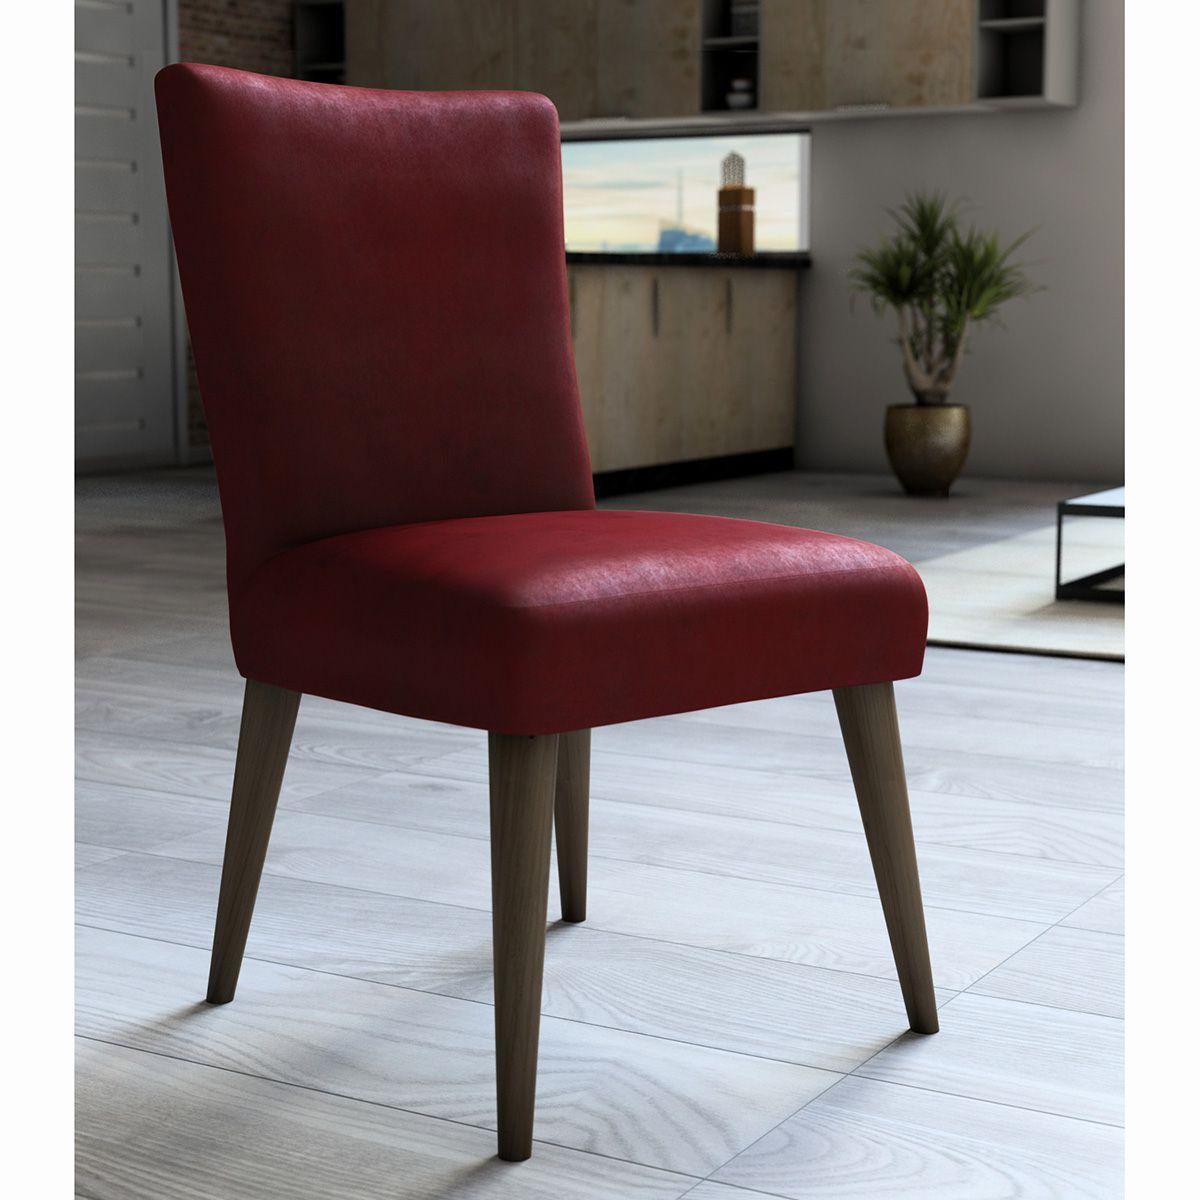 Capa P/ Cadeira - Luxo - Veludo - Vermelho - Adomes